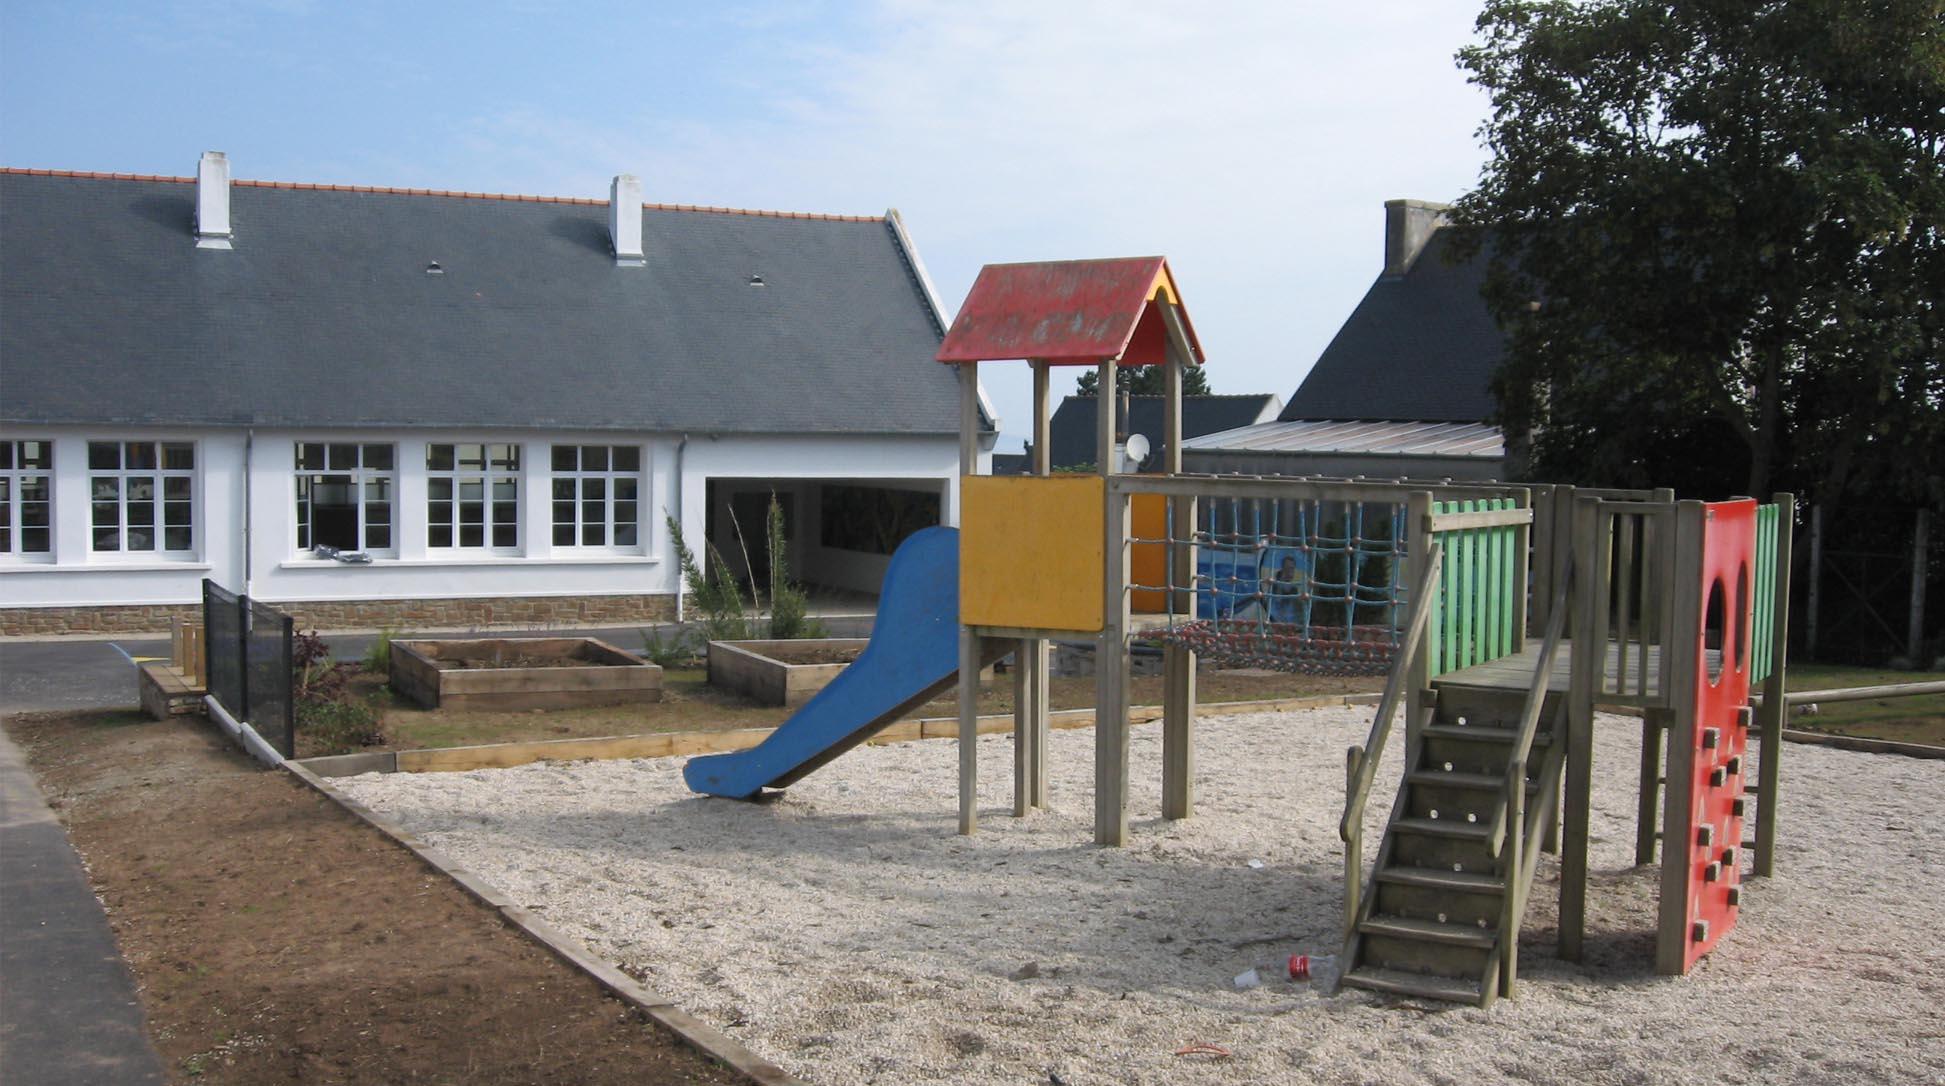 École à Locquirec